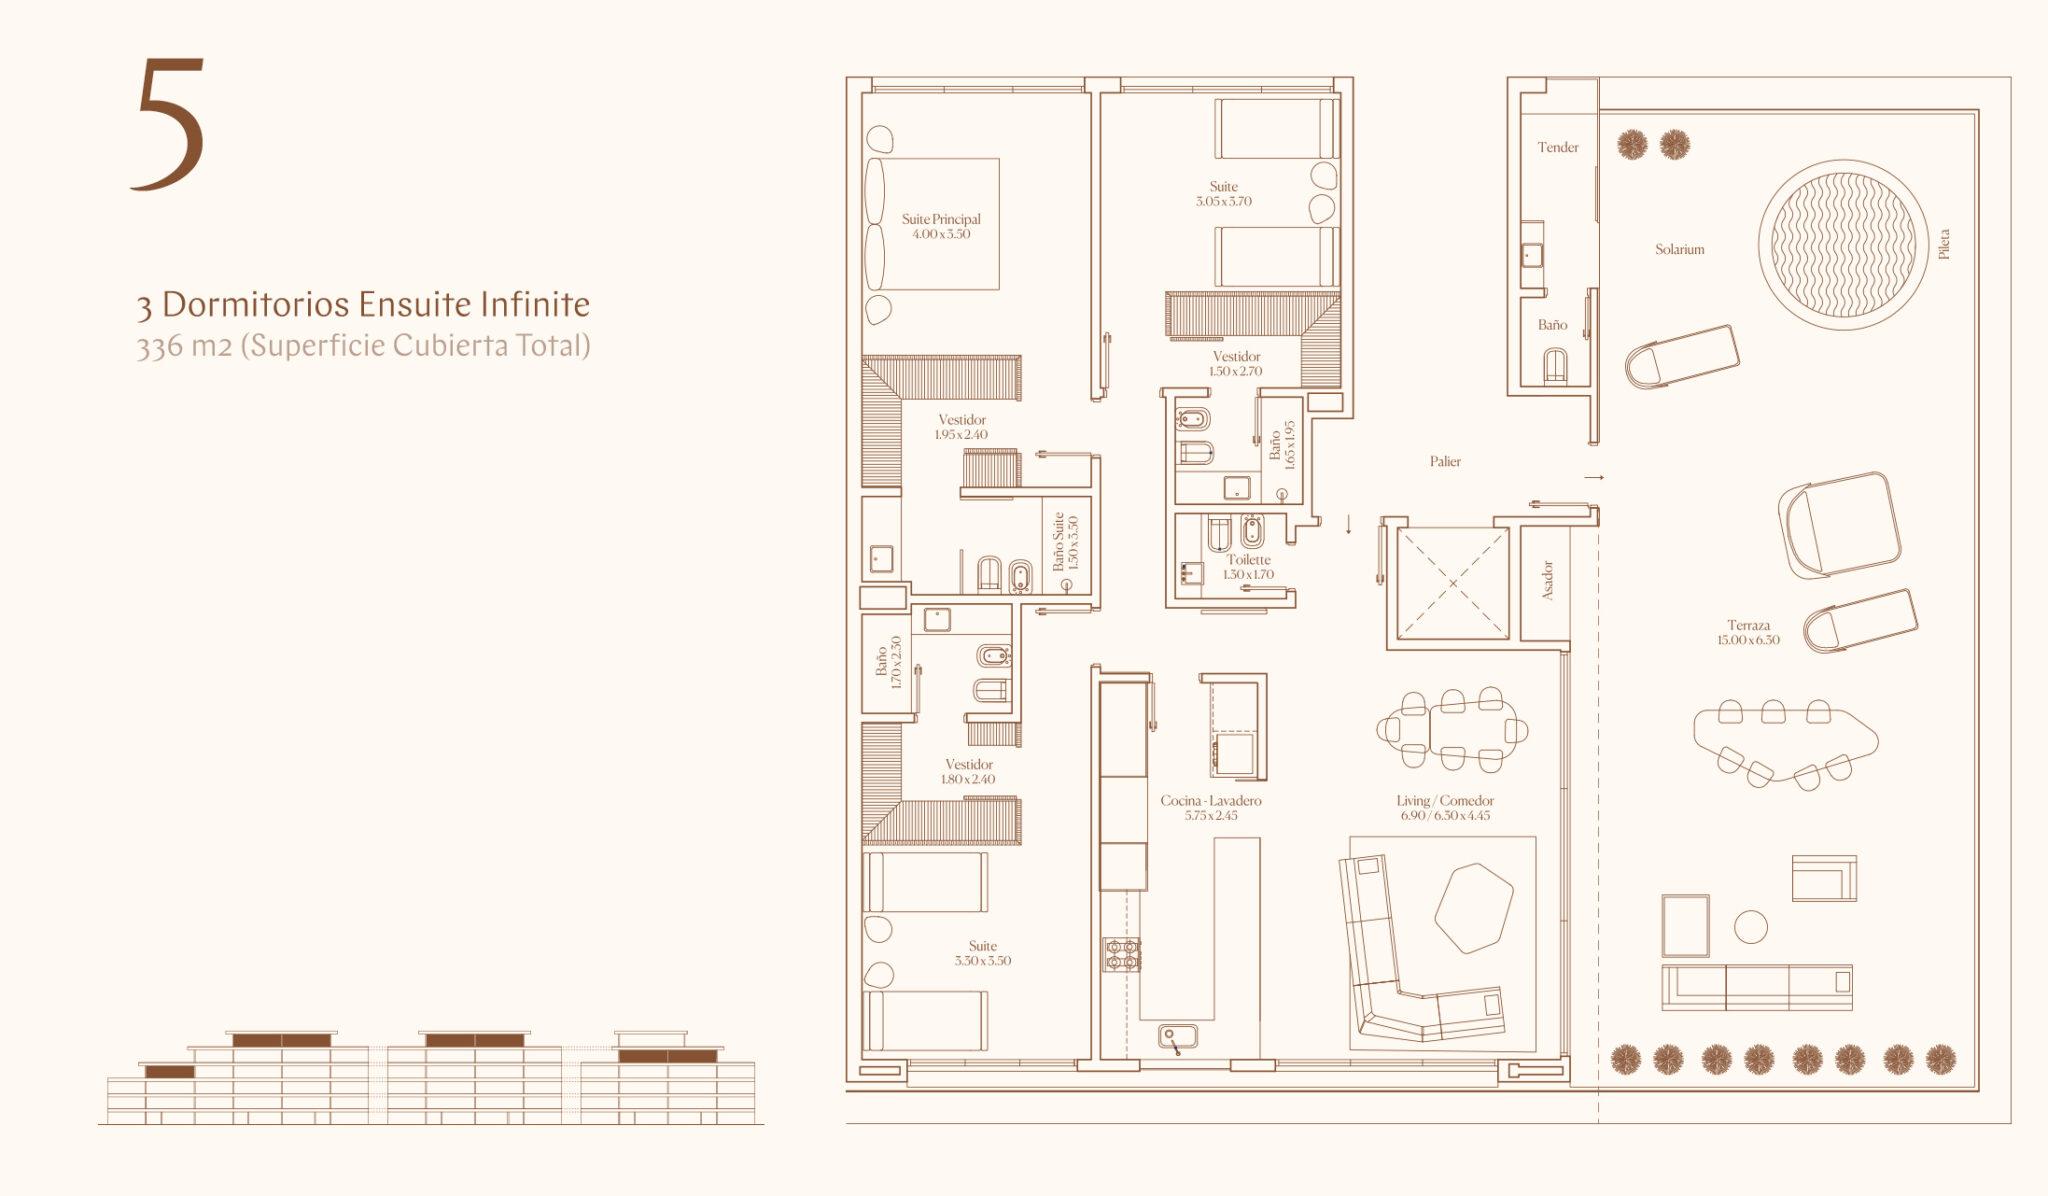 3 Dormitorios Ensuite Infinite